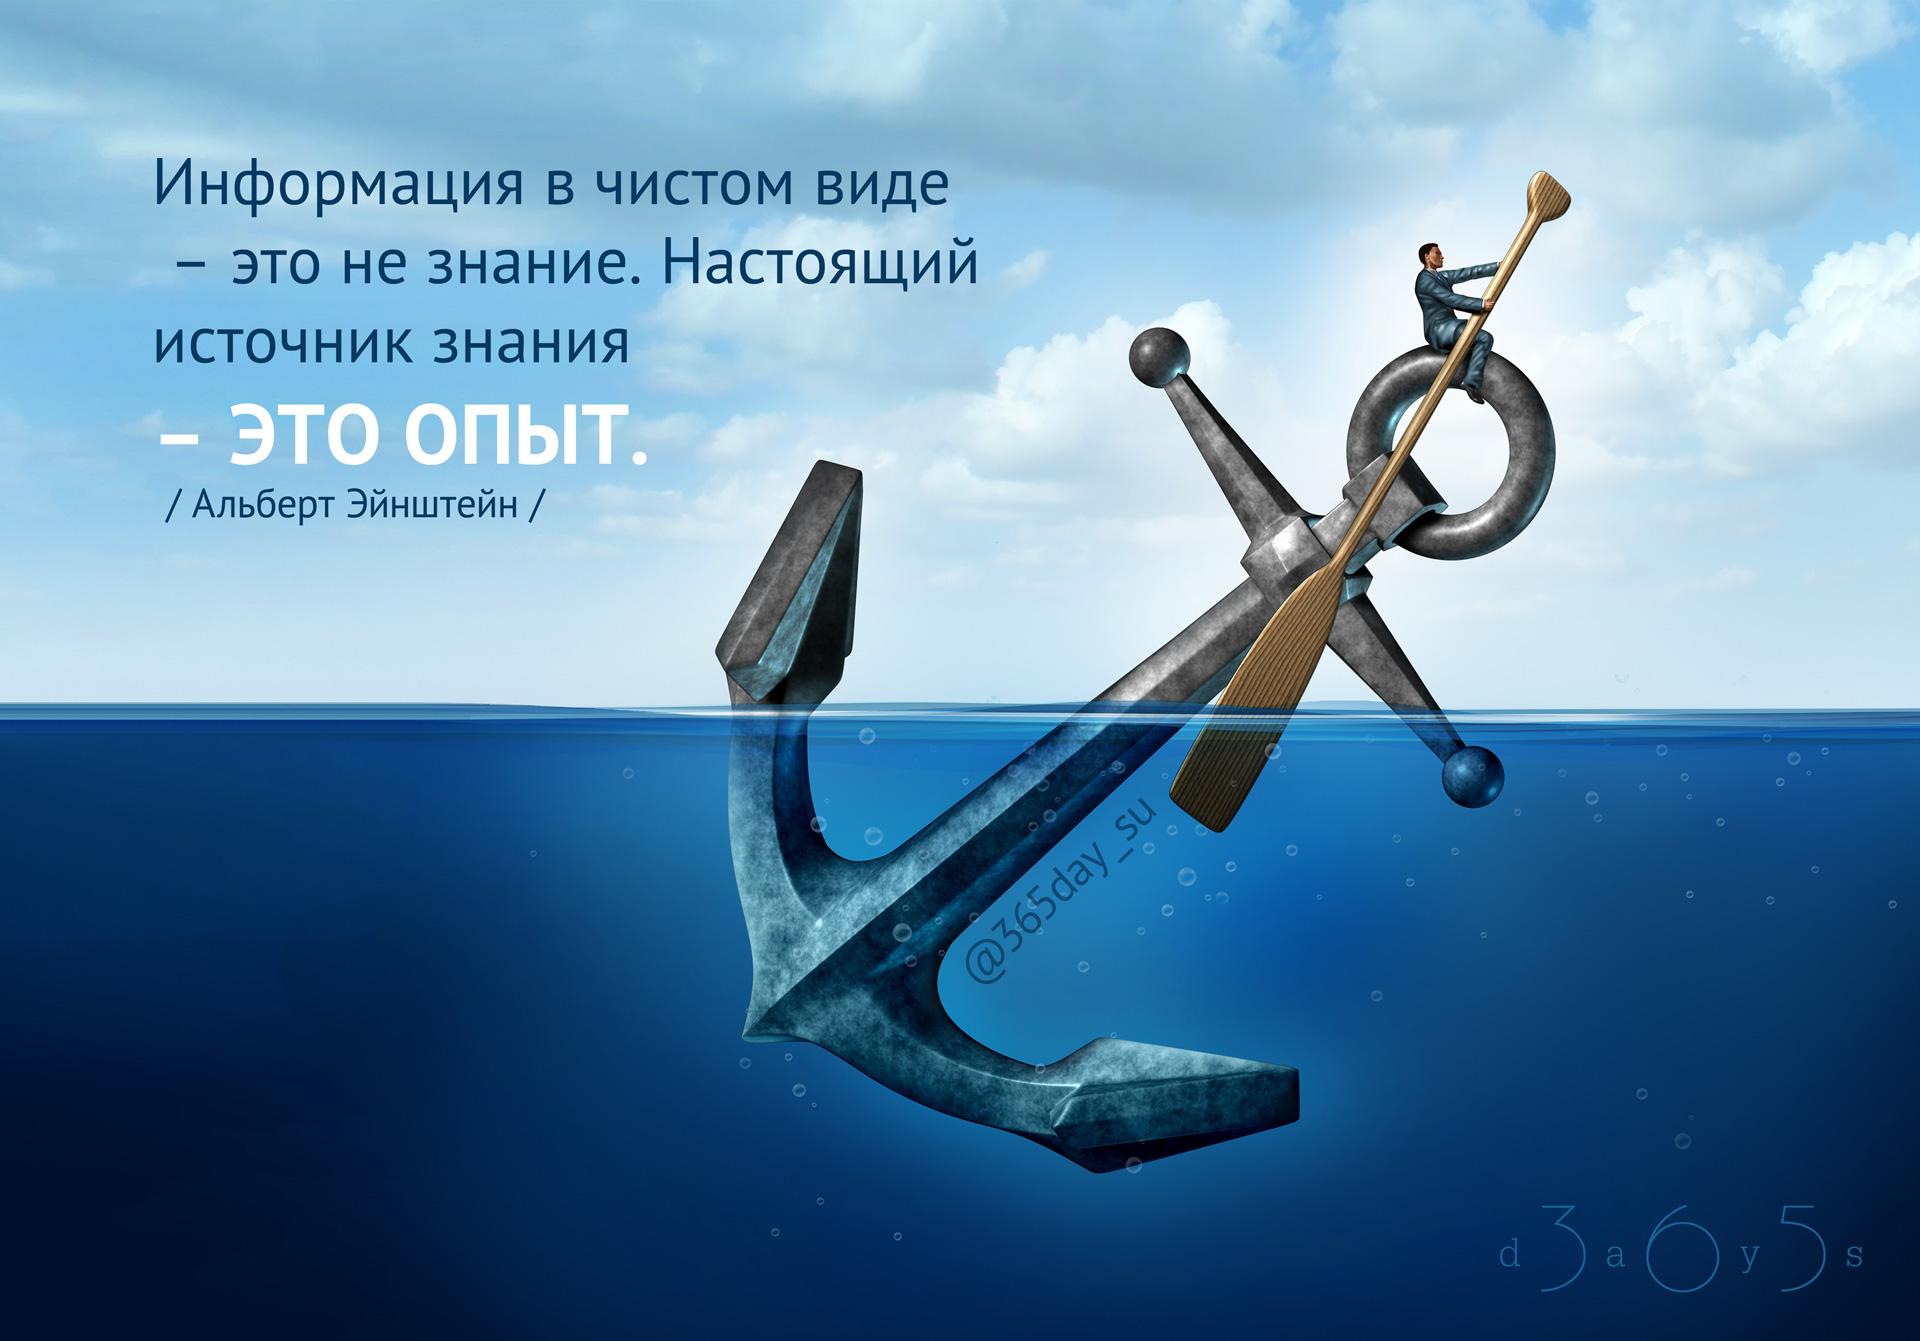 Цитата о знании